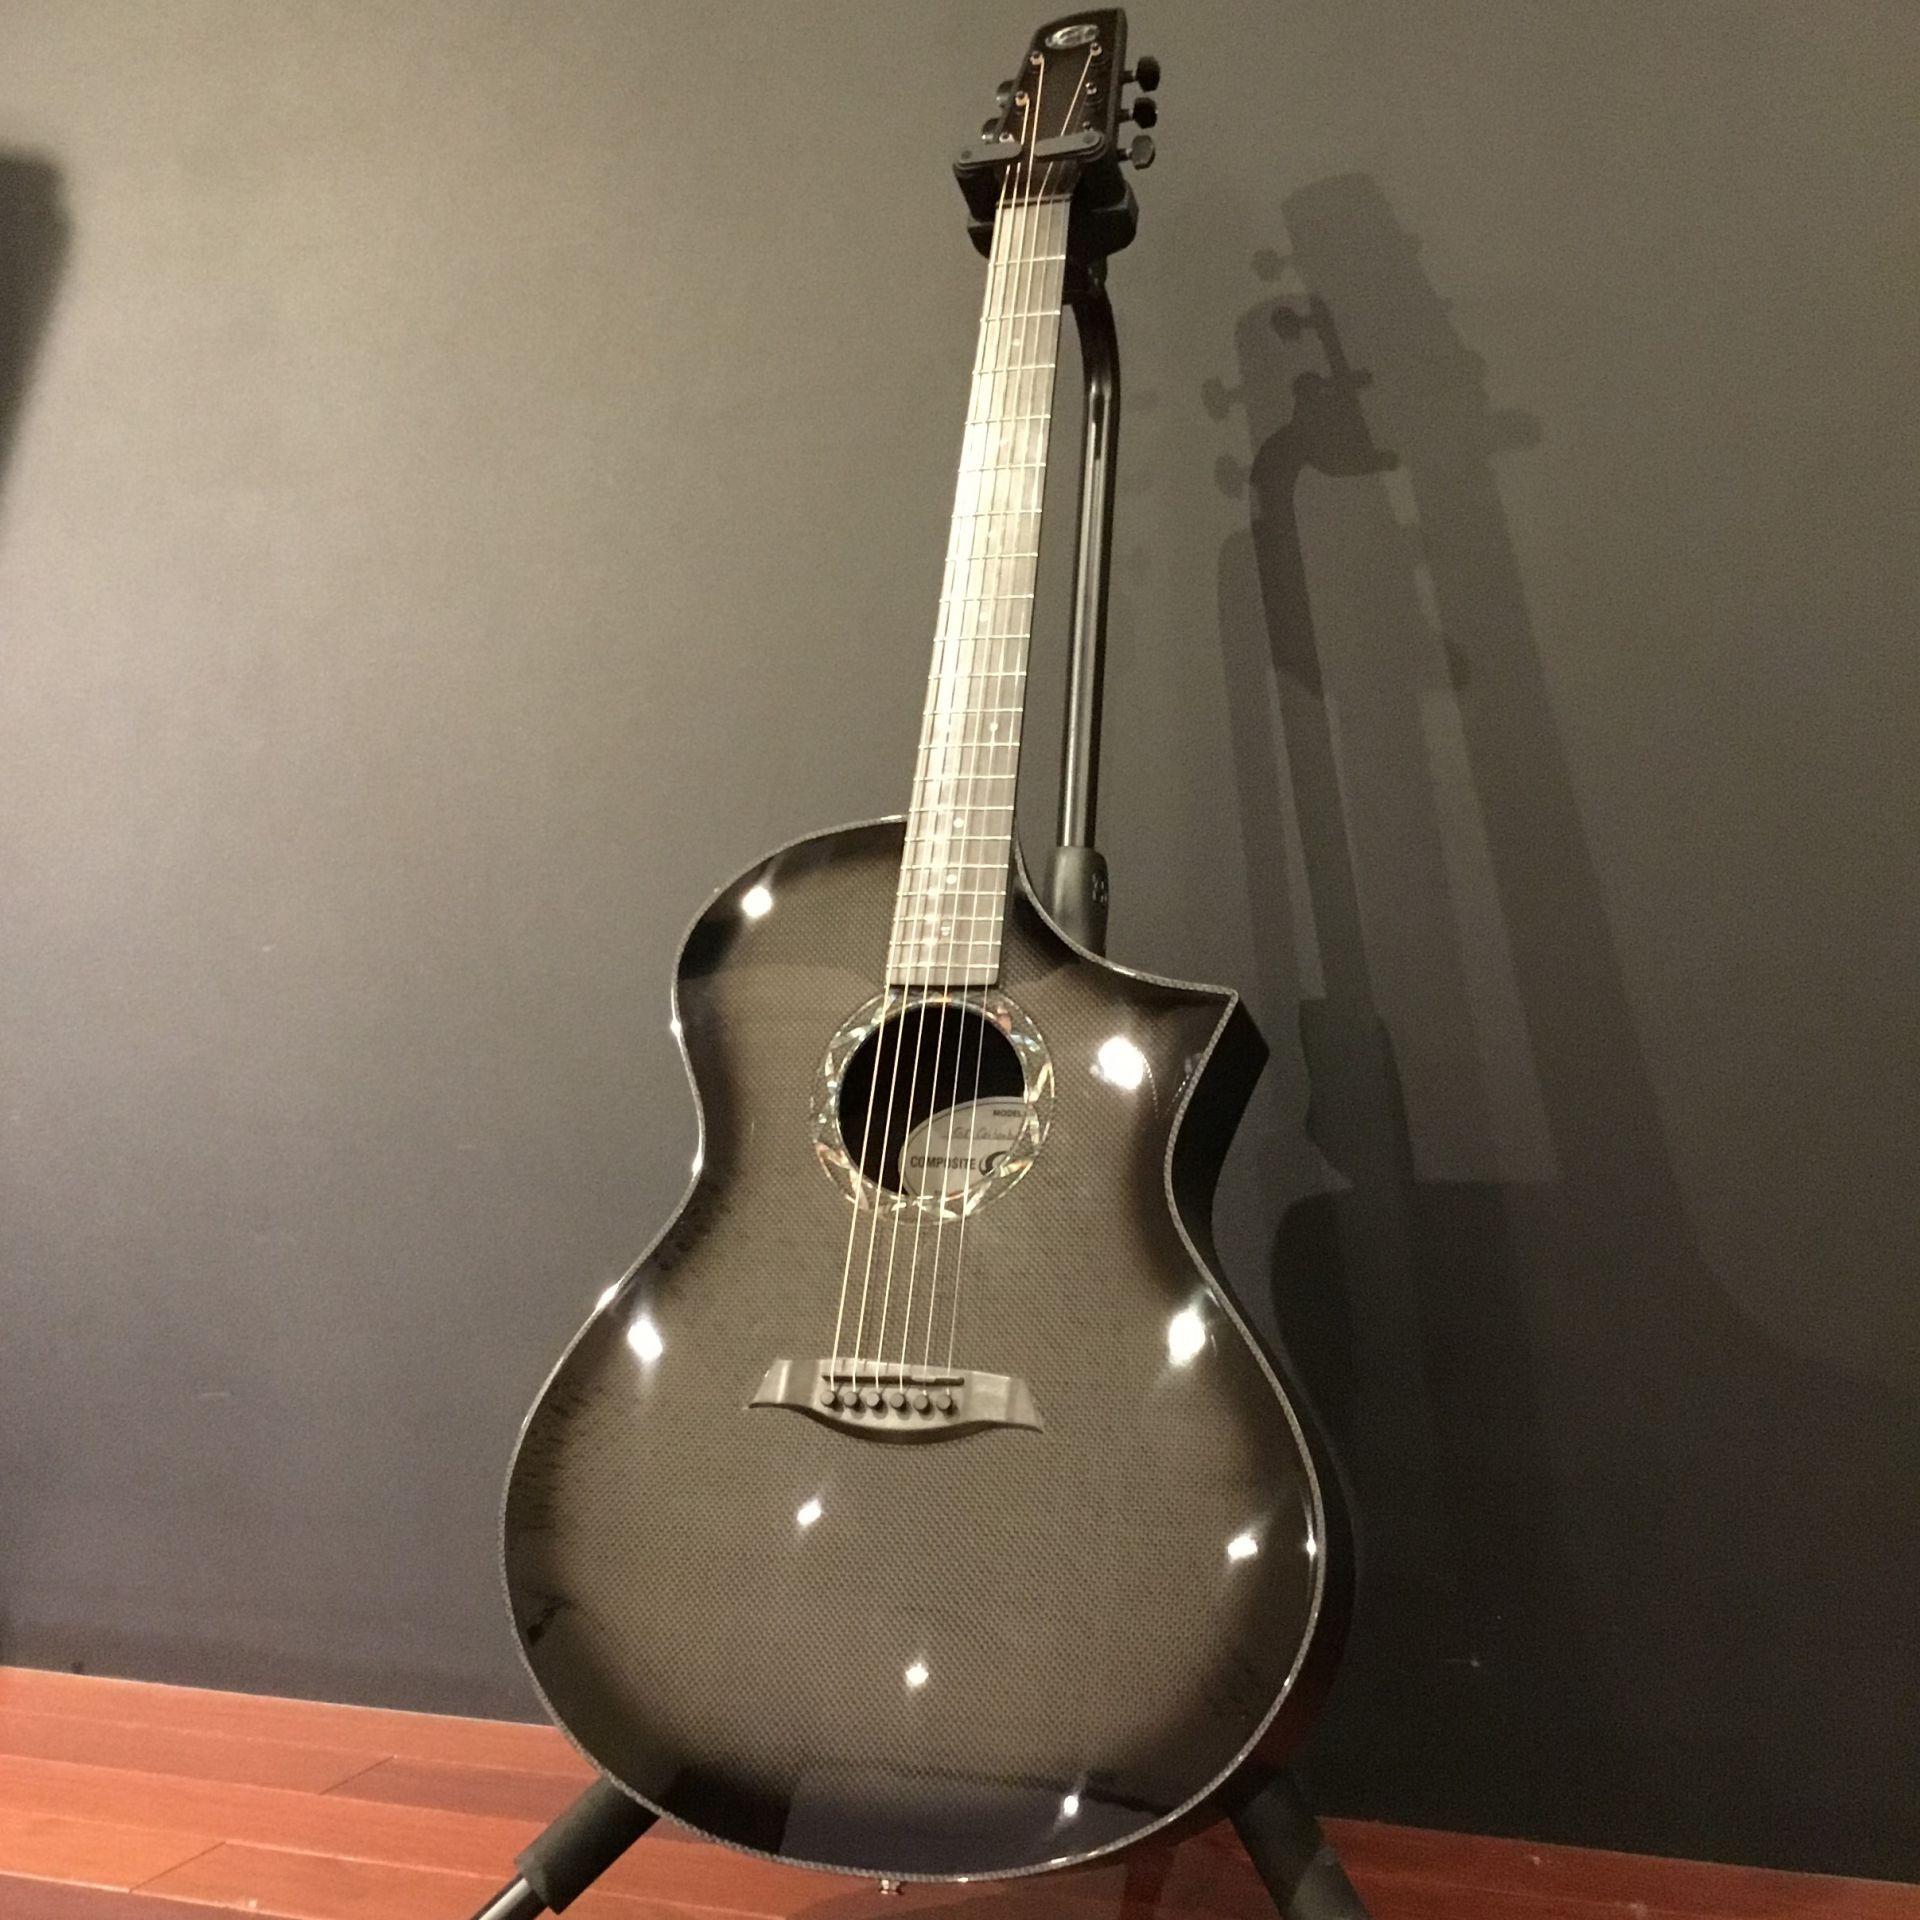 カーボンファイバー製ギターは圧倒的なヴィジュアル